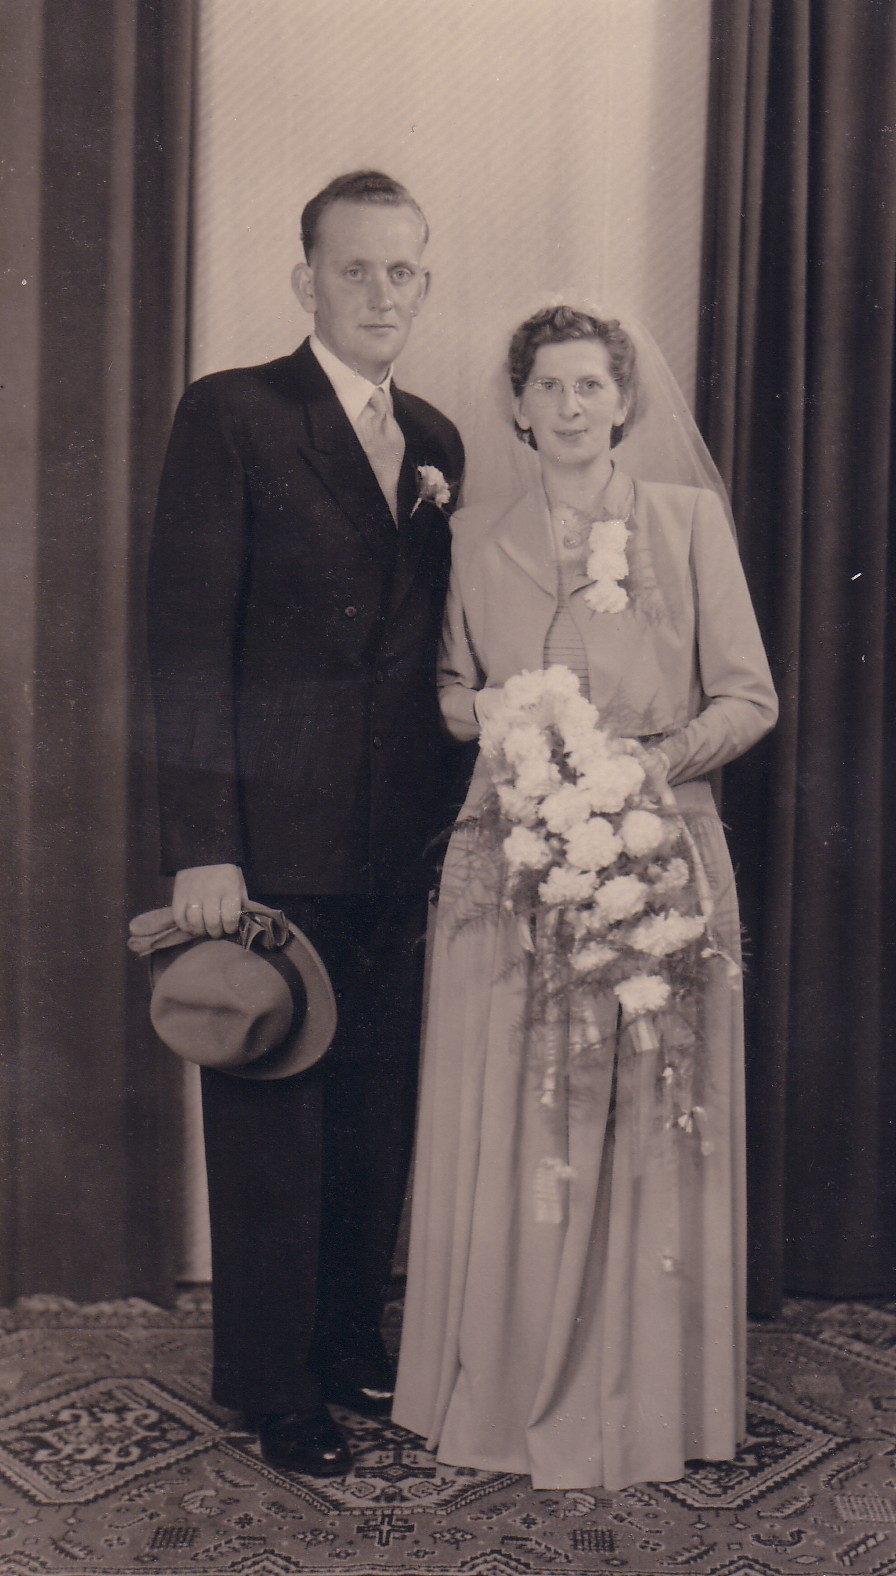 Huwelijk Albert Breedijk en Elisabeth Keijzer (1951)